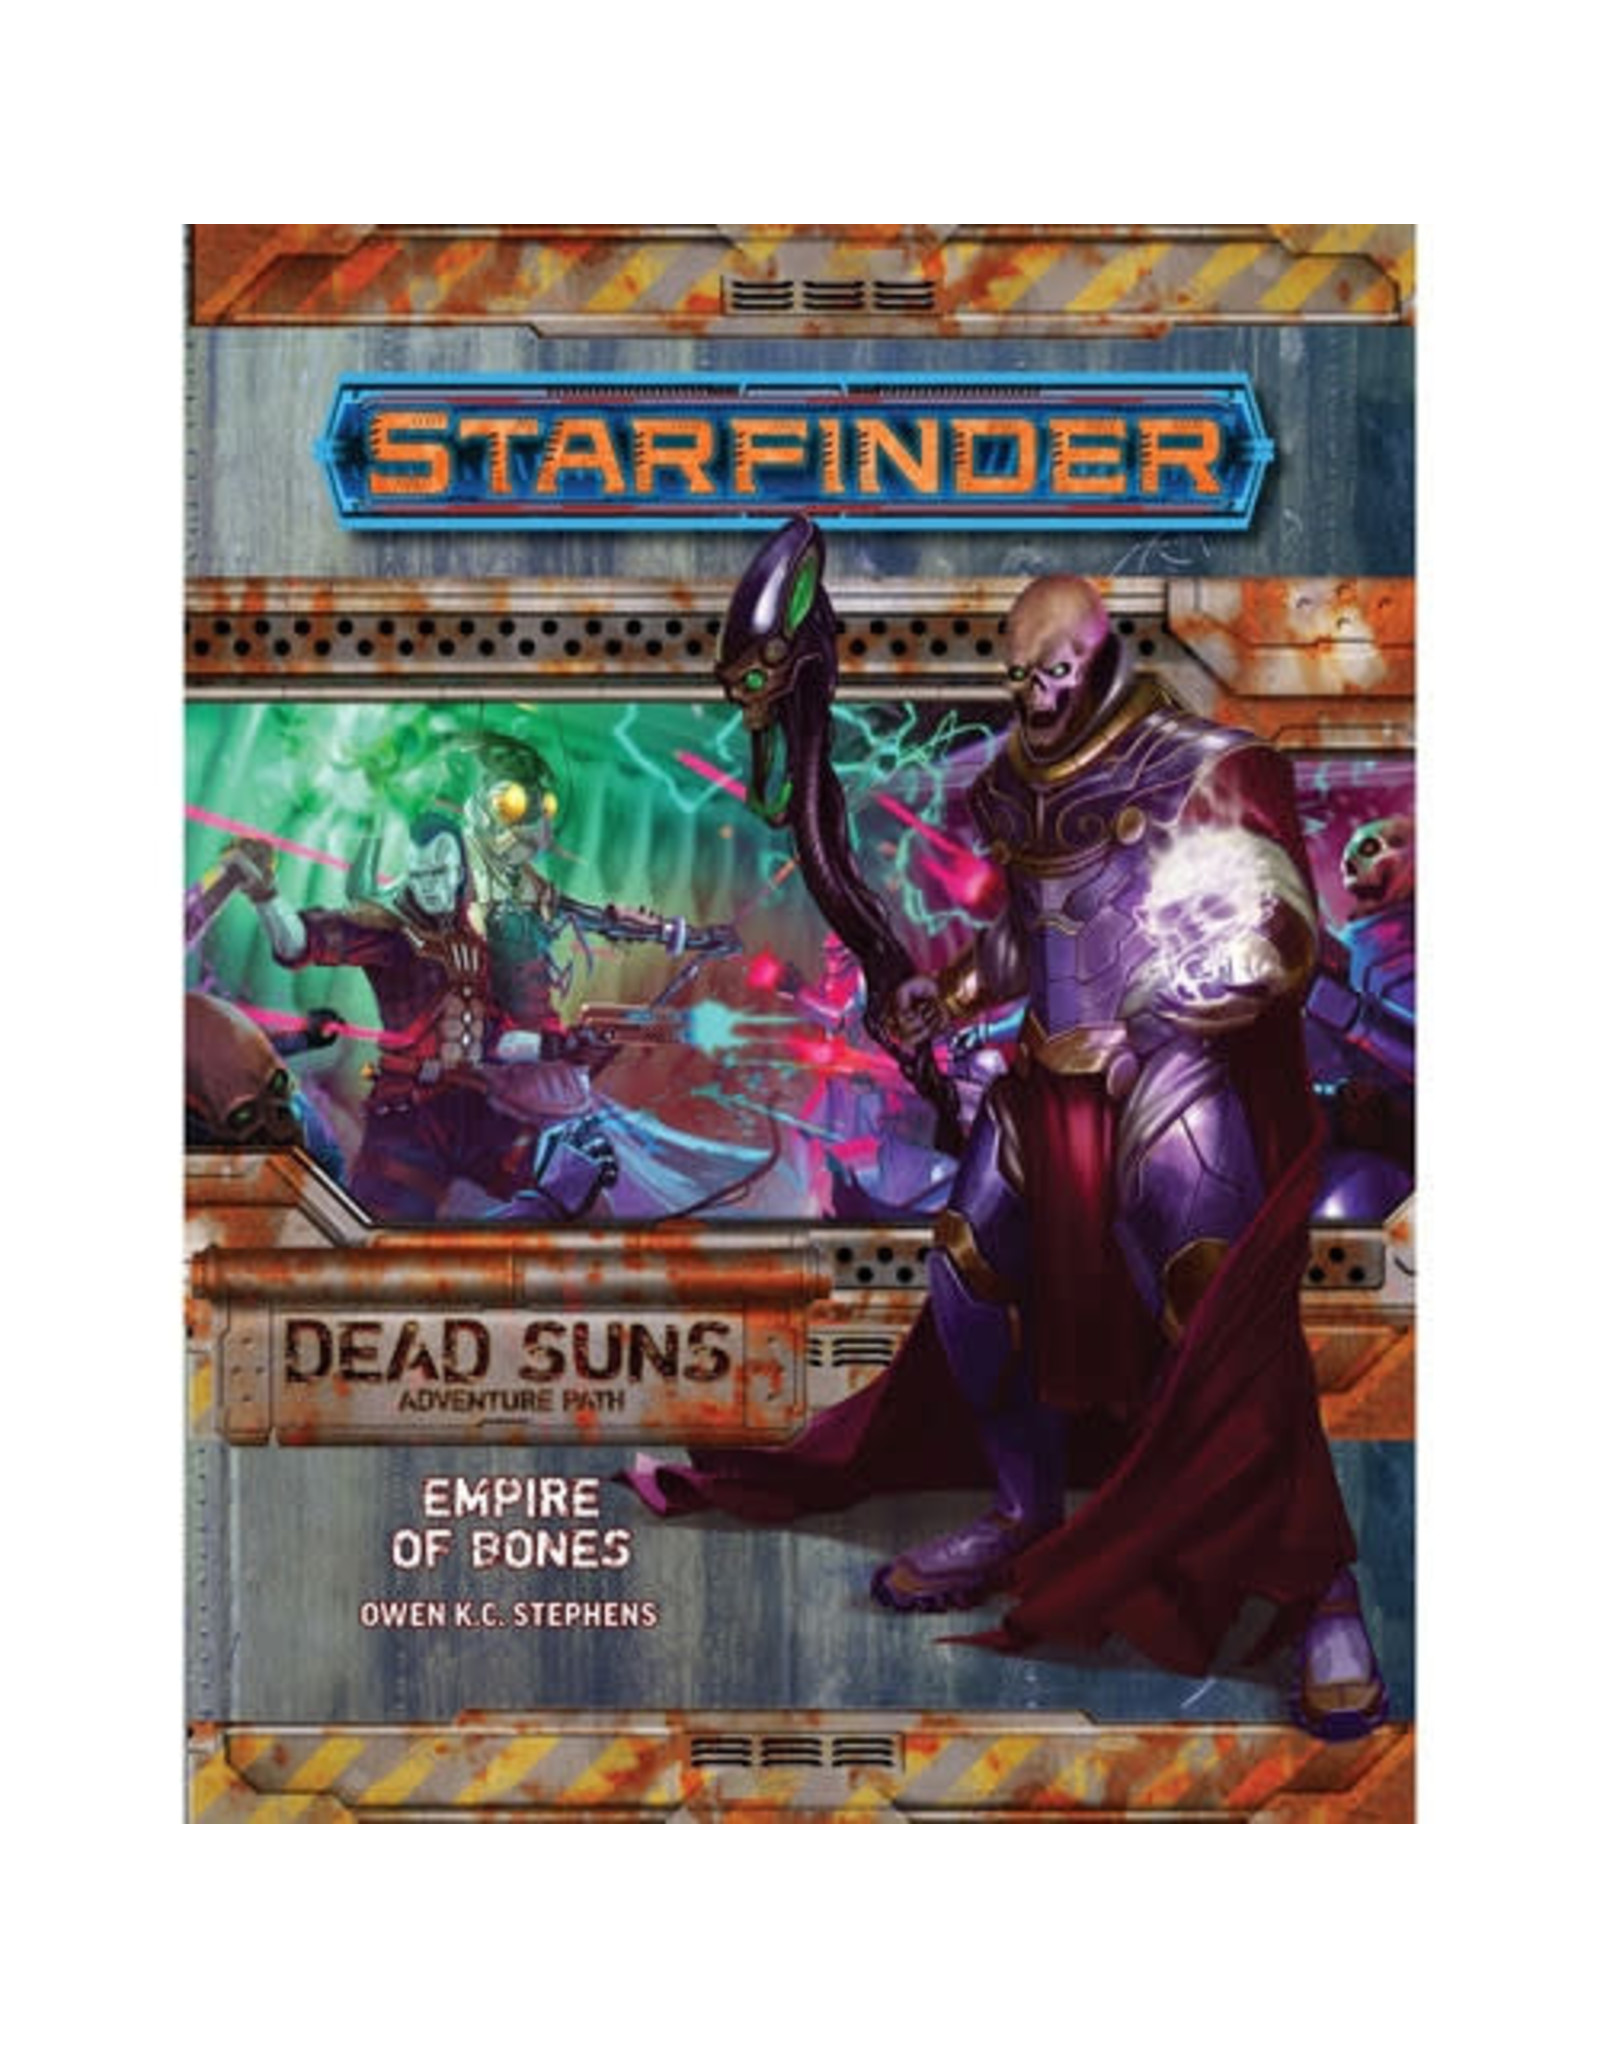 Starfinder RPG: Adventure Path - Dead Suns Part 6 - Empire of Bones